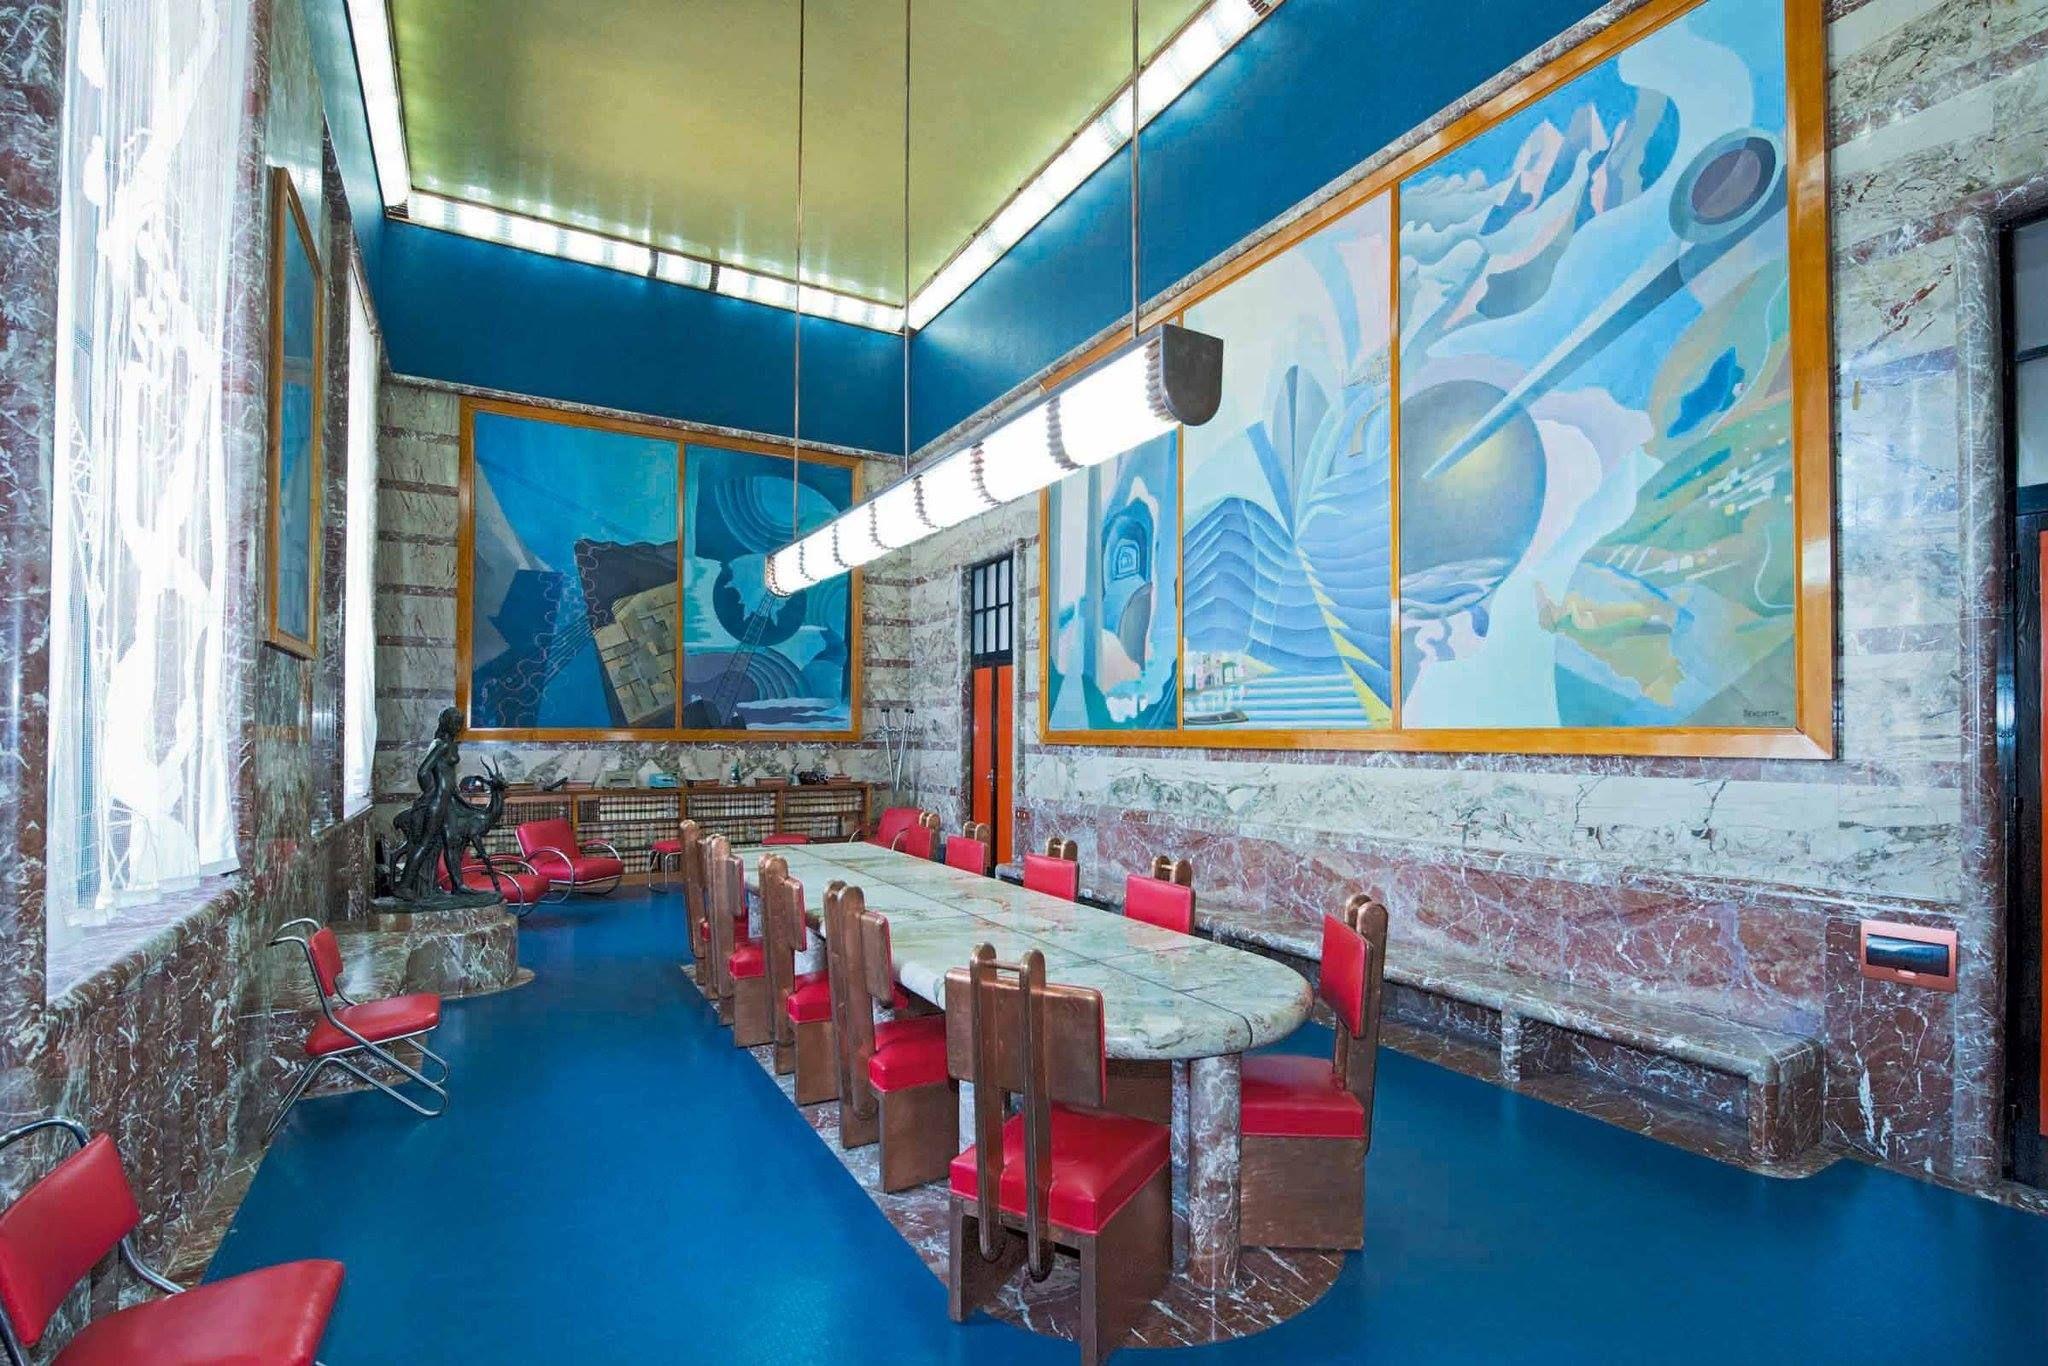 Murals By The Italian Futurist Benedetta Cappa